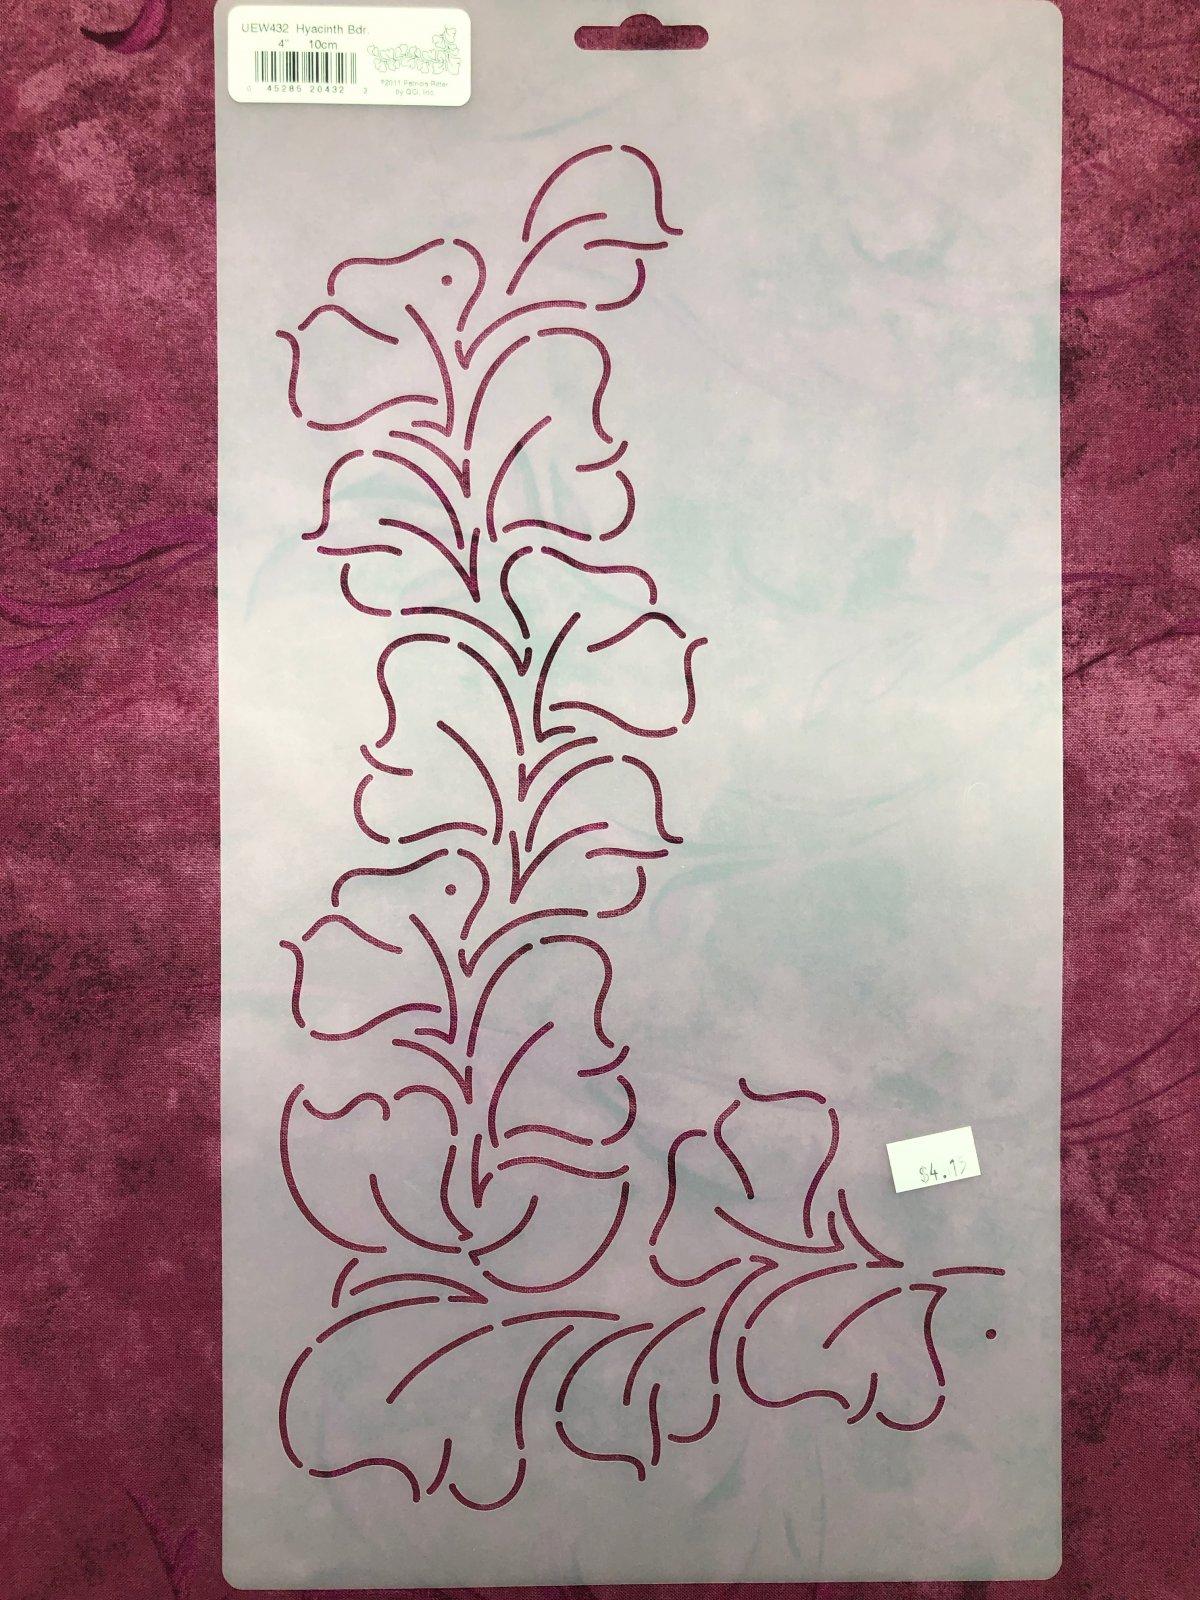 UEW432 Hyacinth Bdr. 4 Inch Stencil